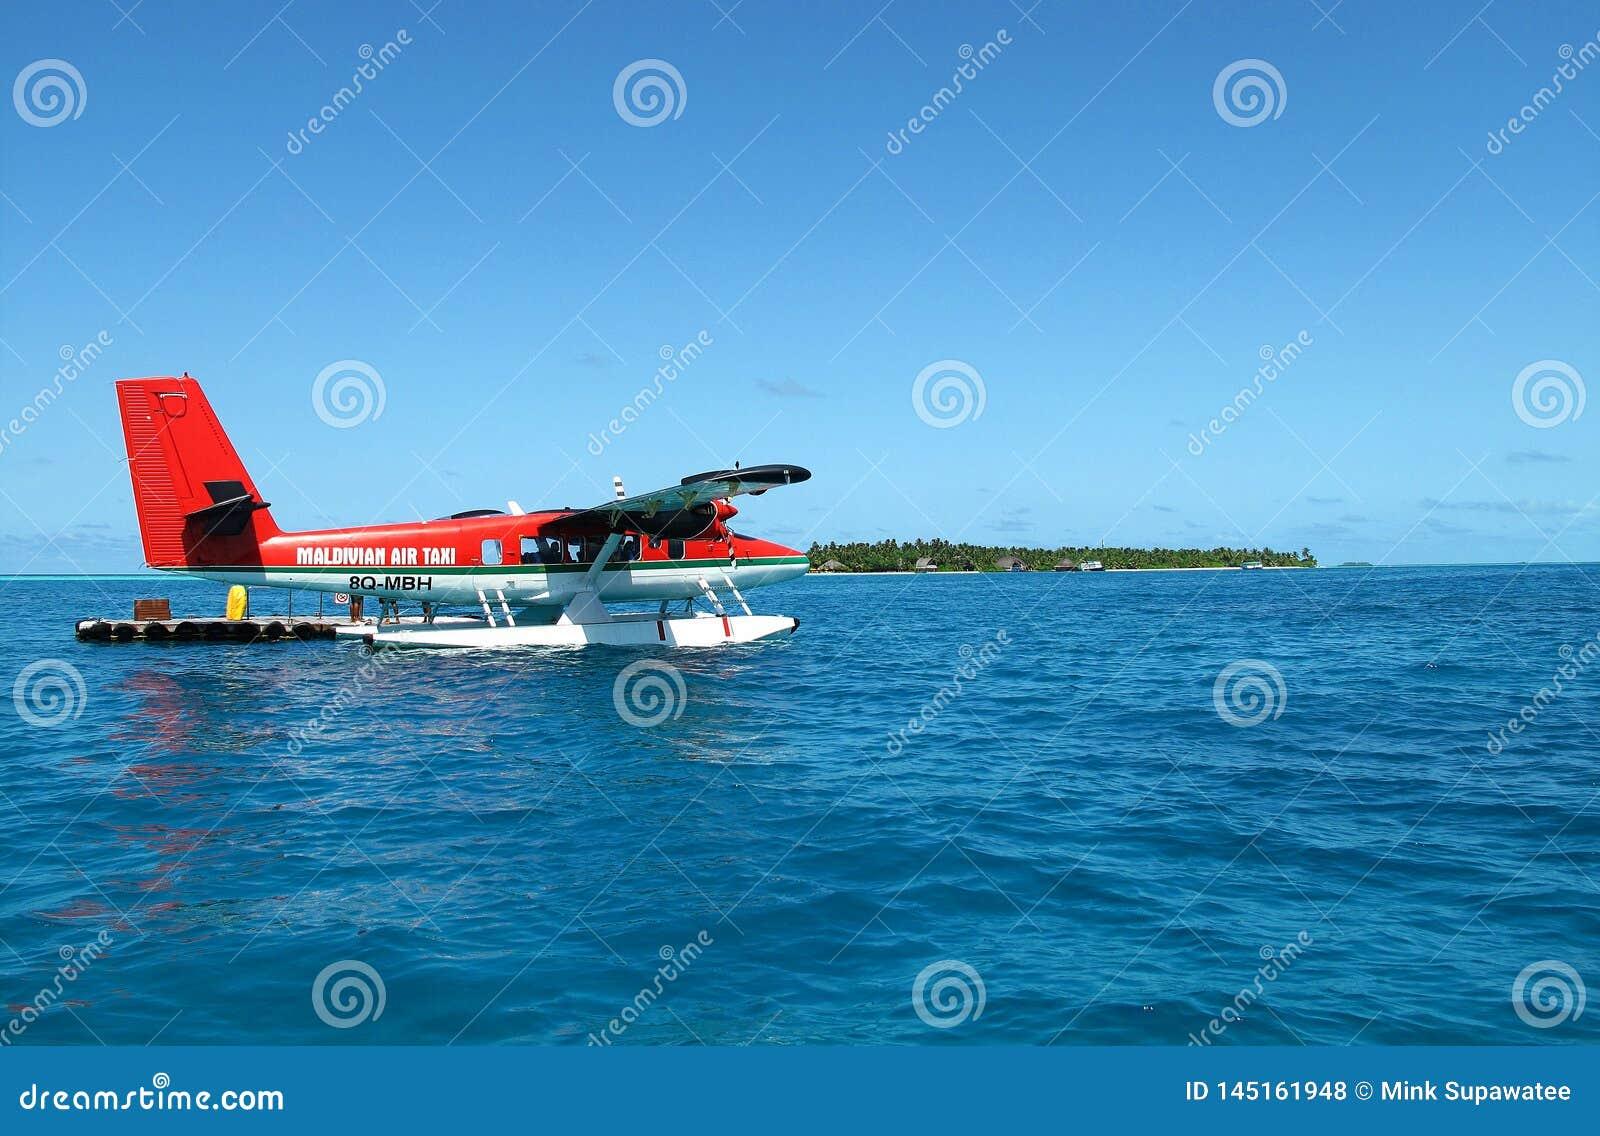 Een watervliegtuig van Maldivian Air Taxi is geland op het mooie overzees